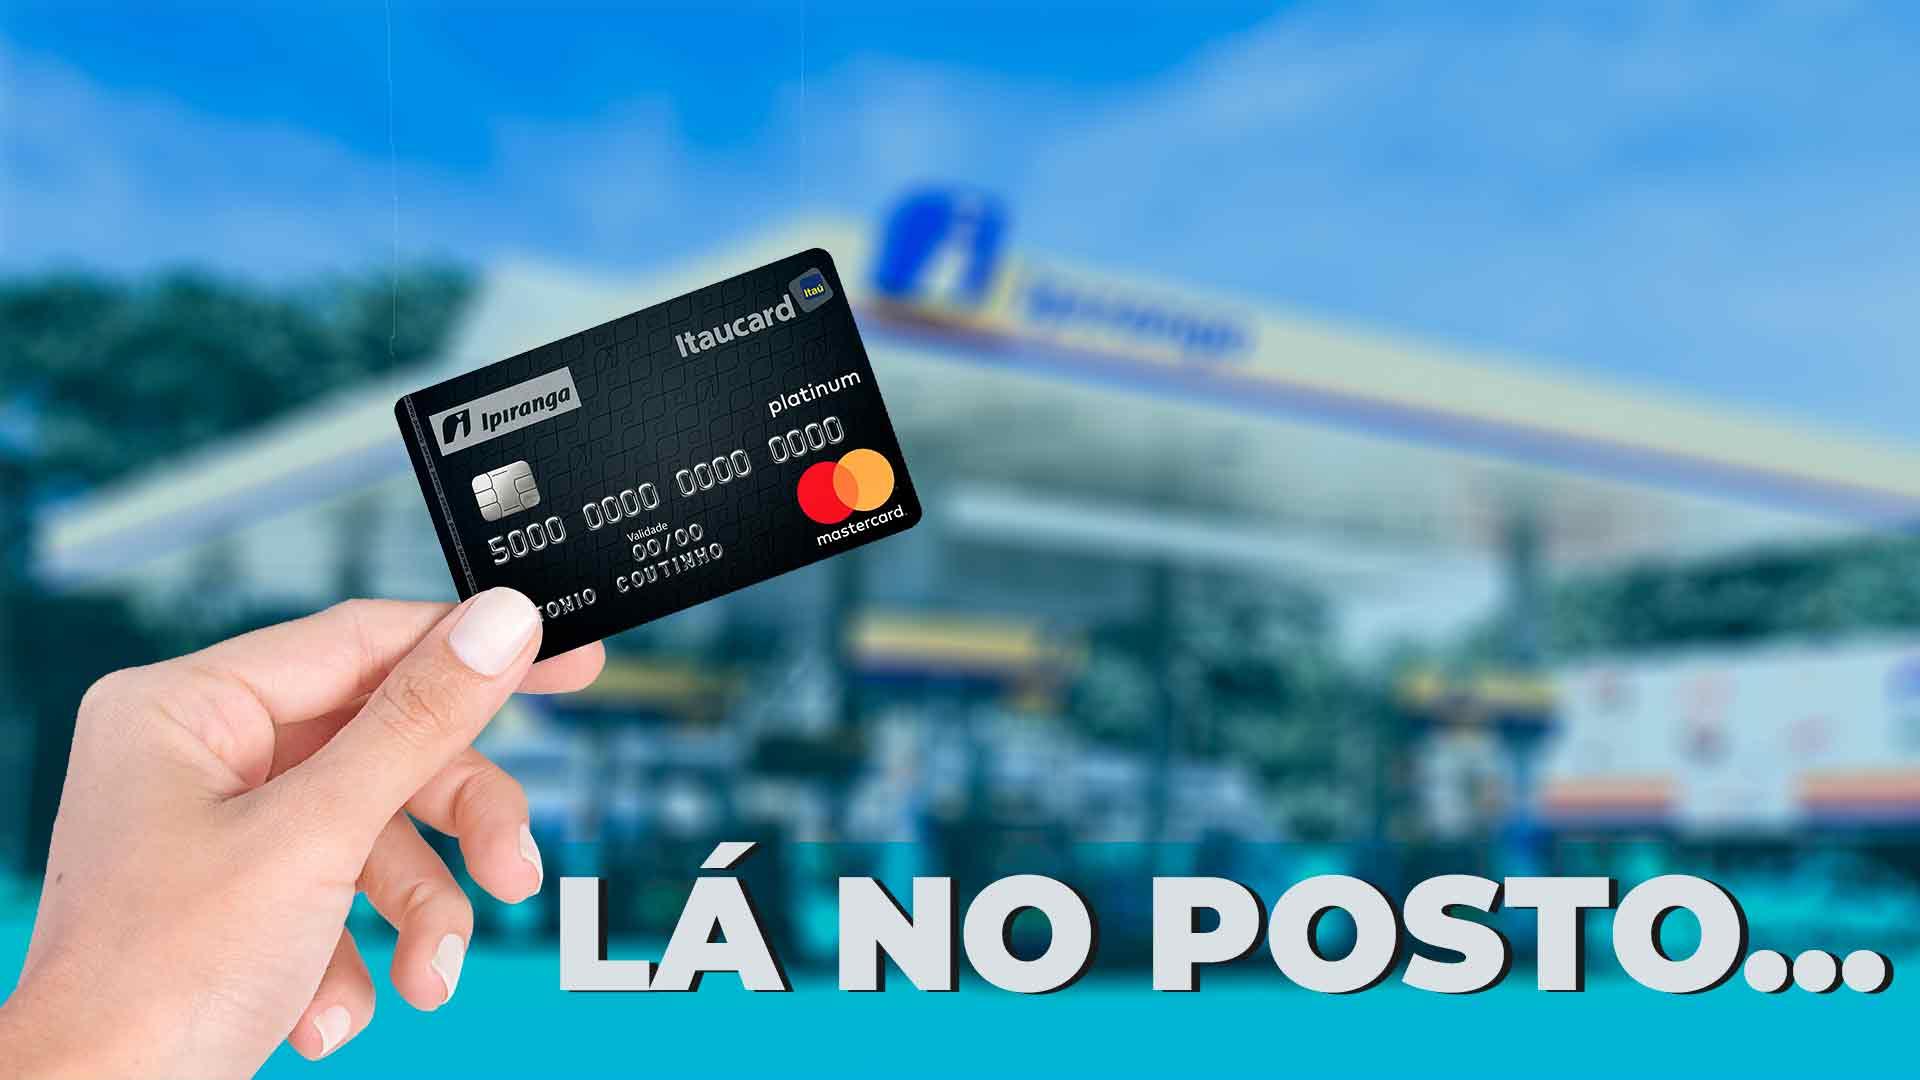 cartao-de-credito-ipiranga-itaucard-platinum-economize-em-todas-as-suas-compras.jpg